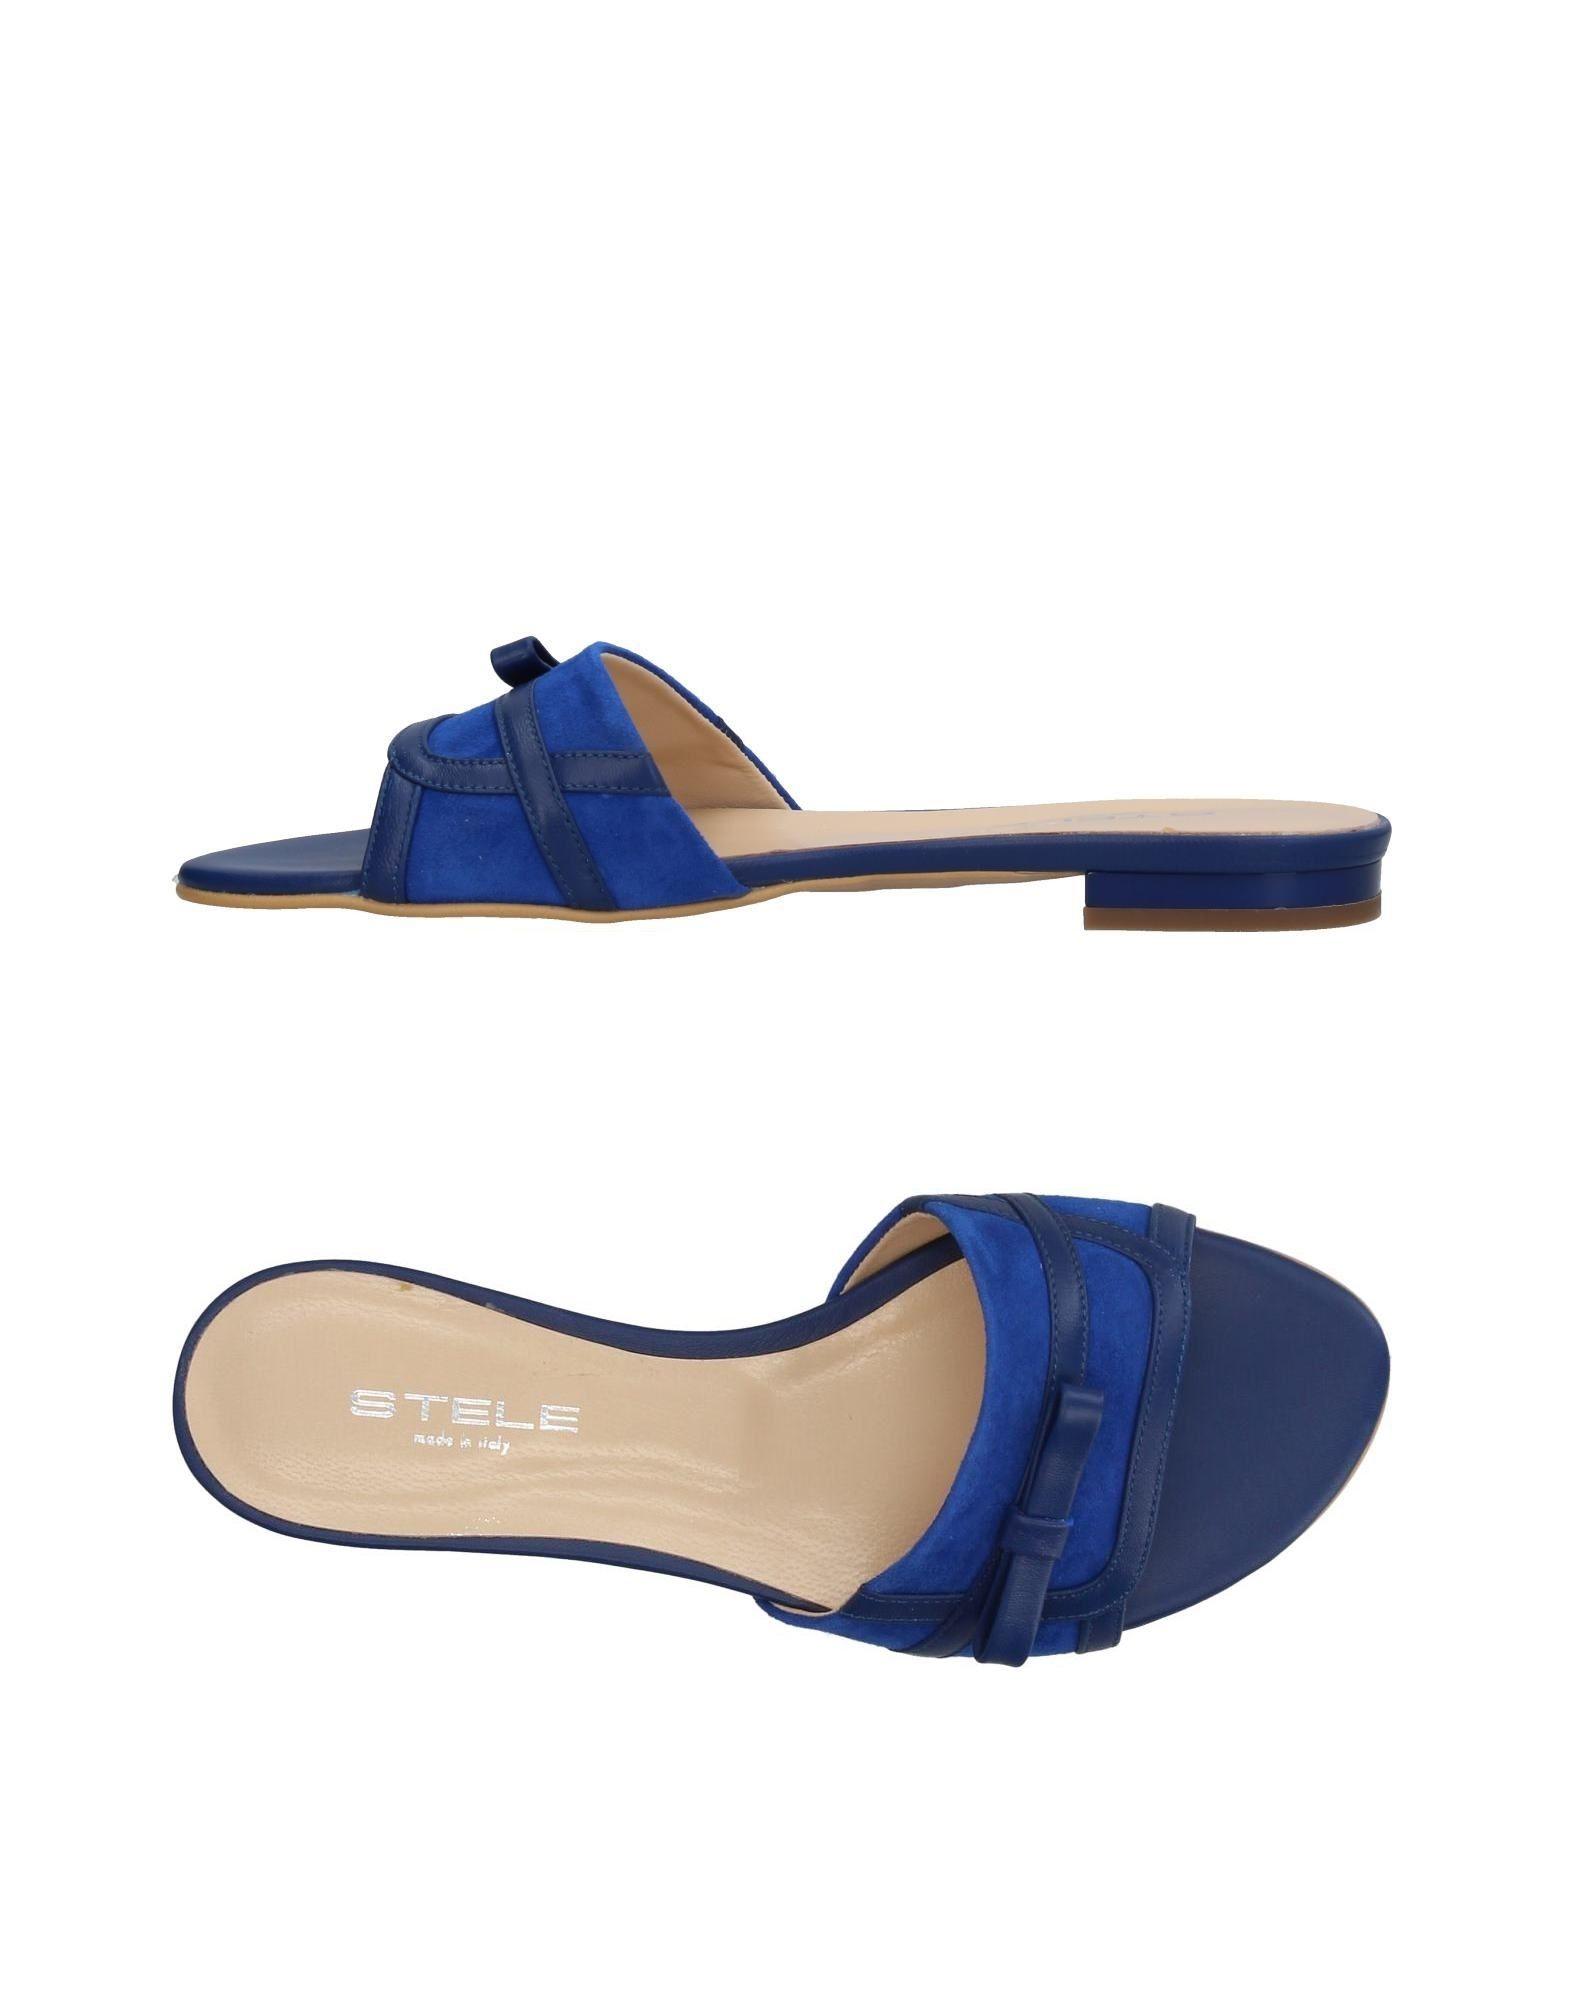 Stele Sandalen Damen  11376346CV Gute Qualität beliebte Schuhe